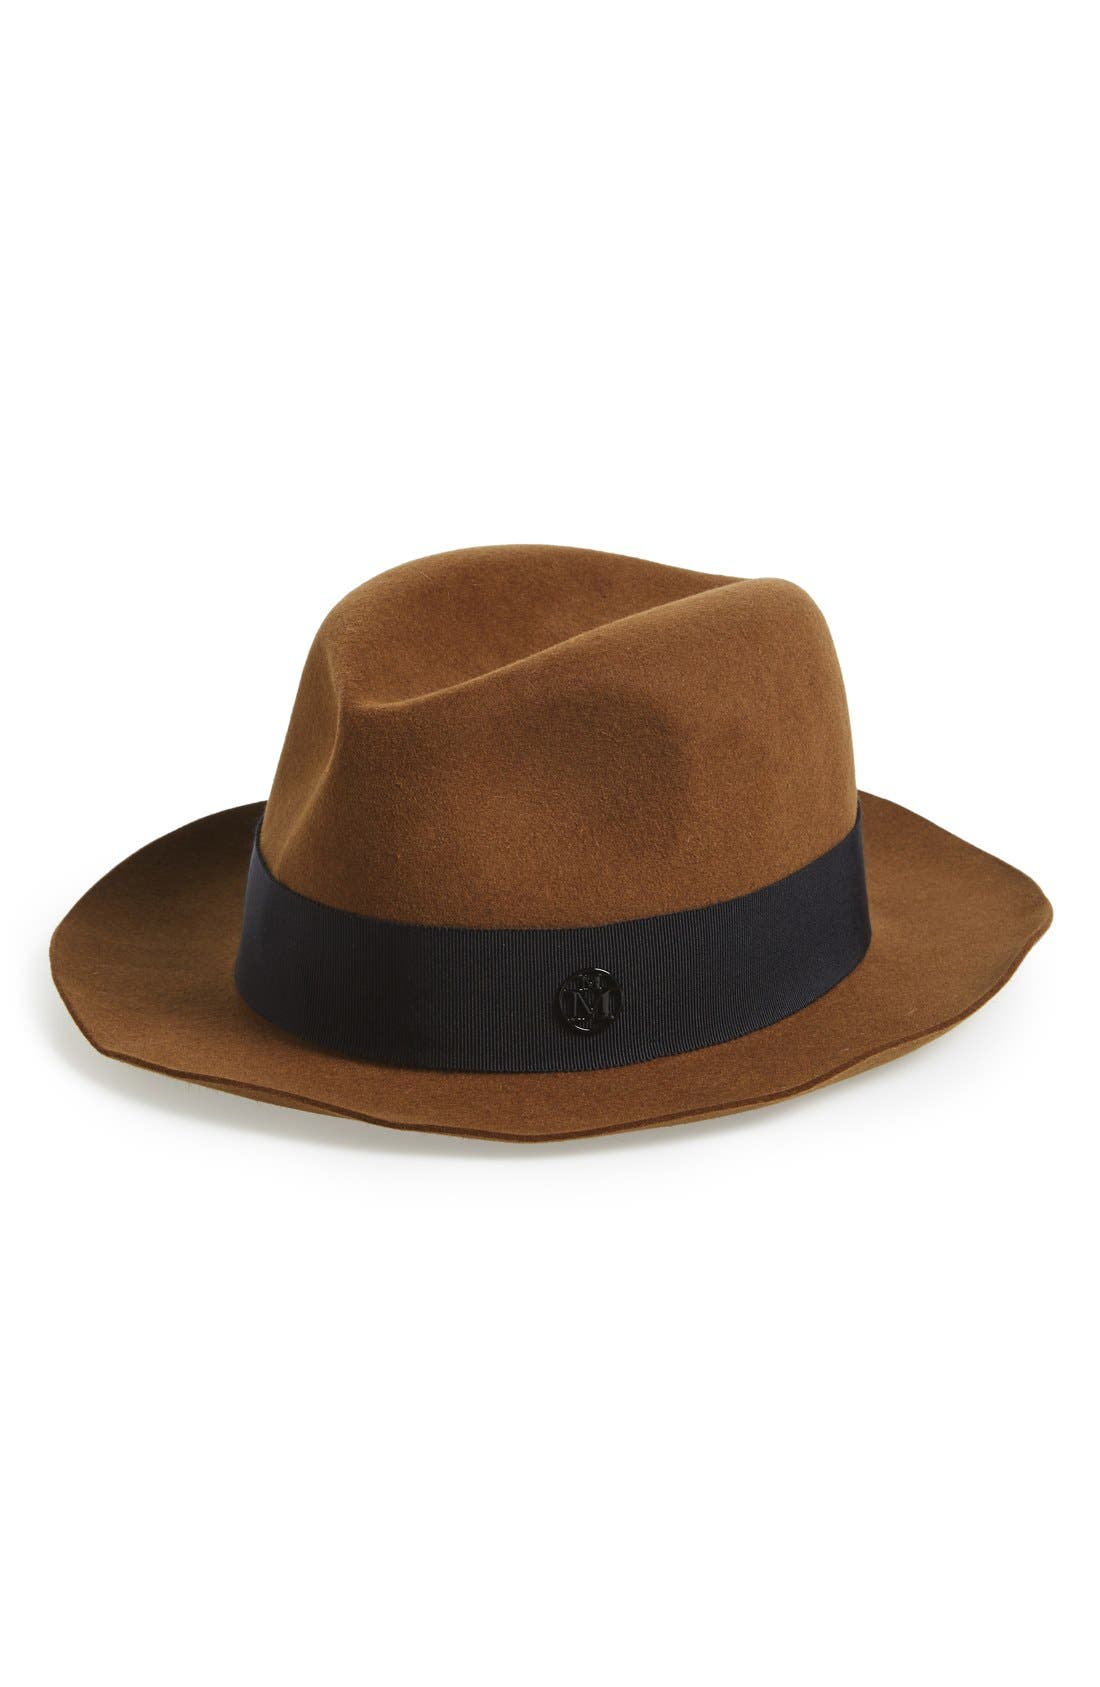 Main Image - Maison Michel Joseph Fur Felt Hat